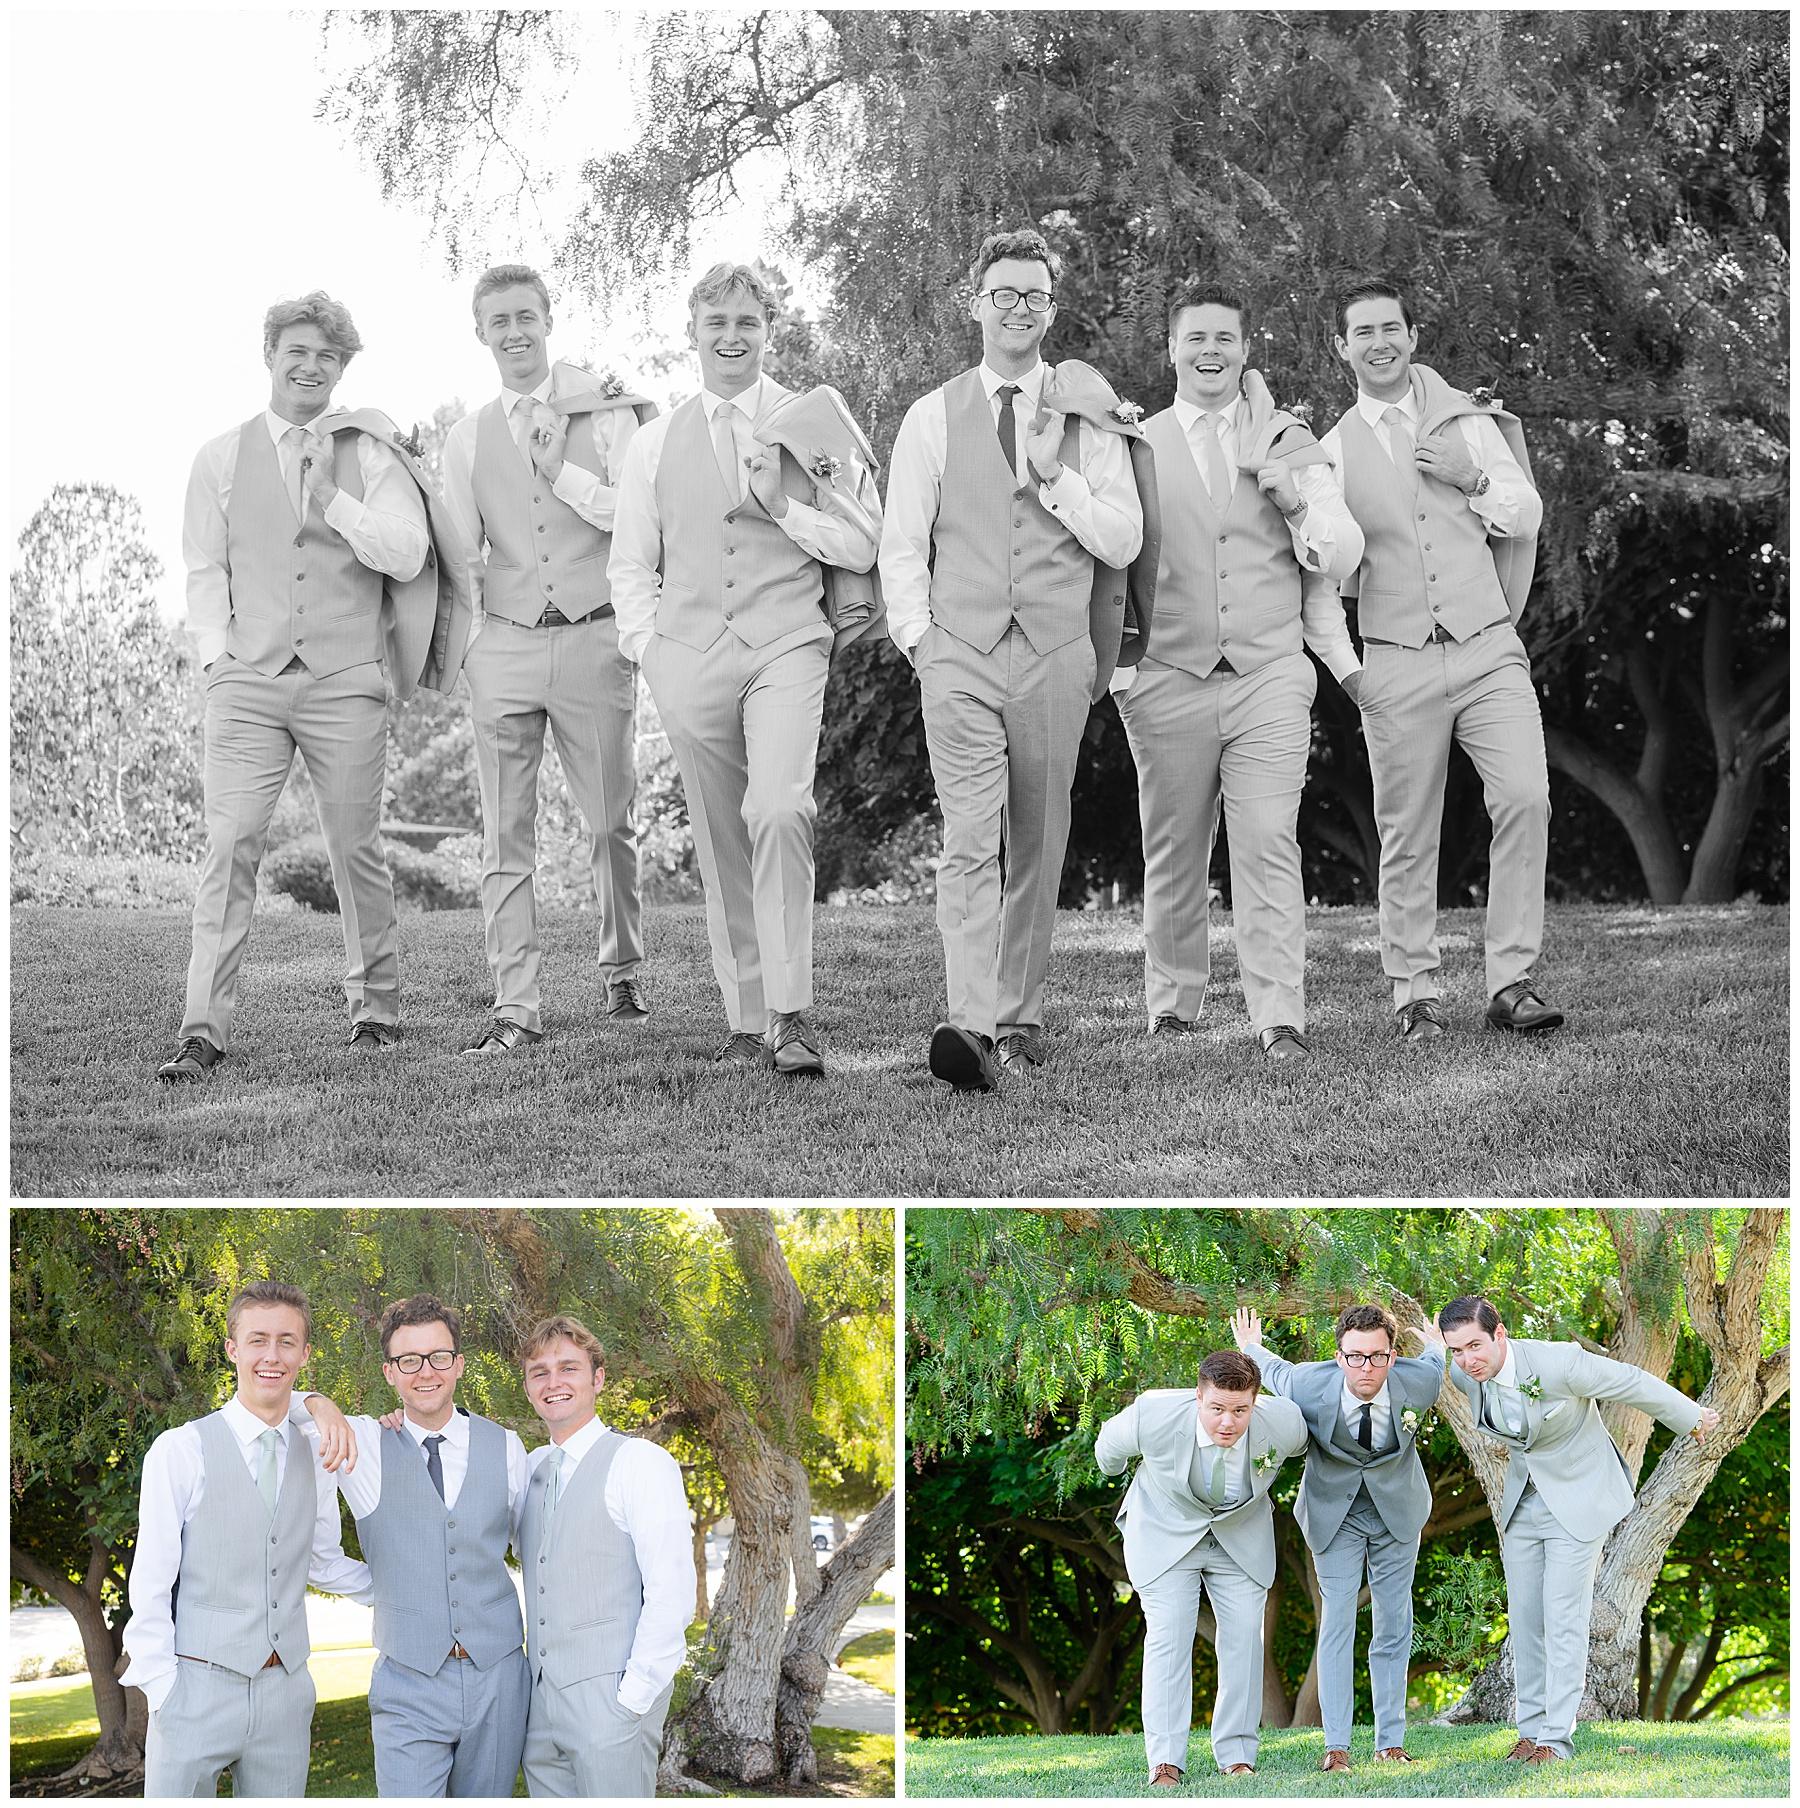 groomsmen group